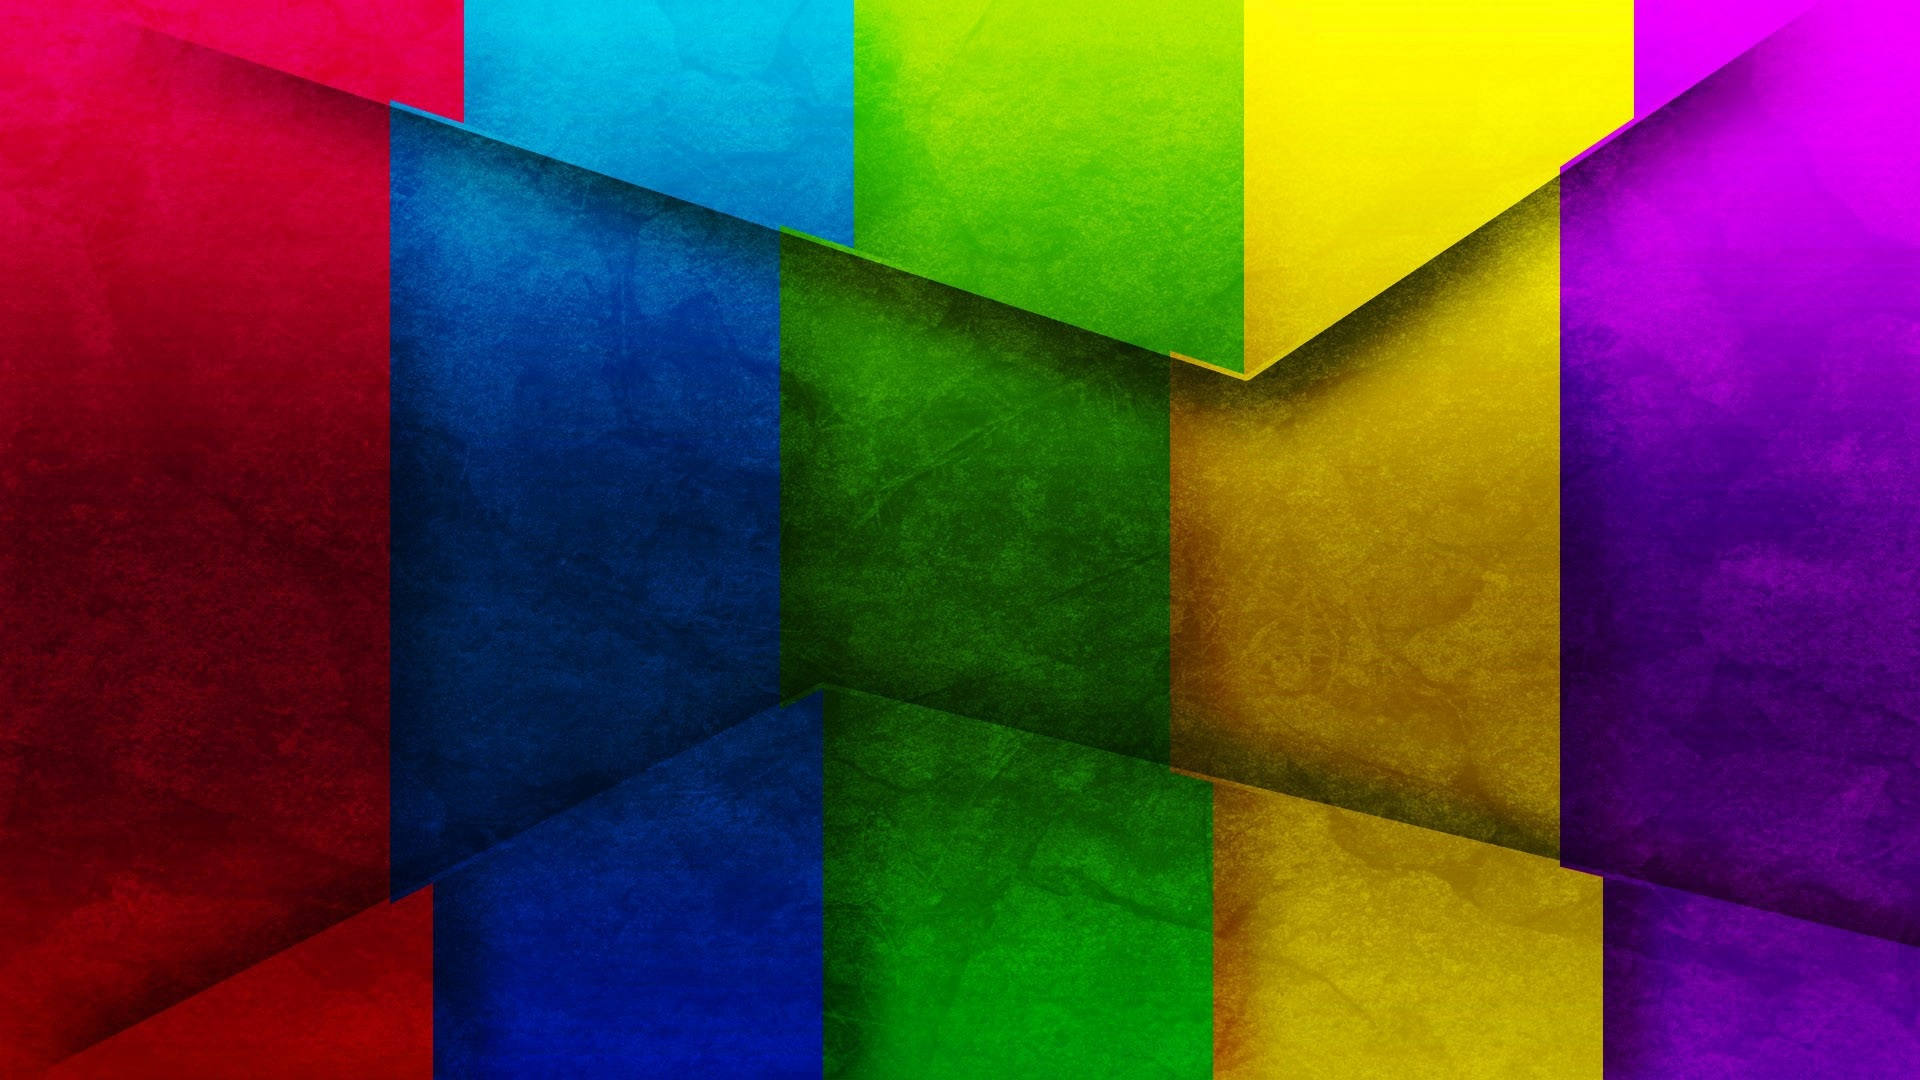 1920x1080 Abstracto Full Hd 1920x1080: Fondos De Pantalla Rayas, Colorido, Imagen Abstracta